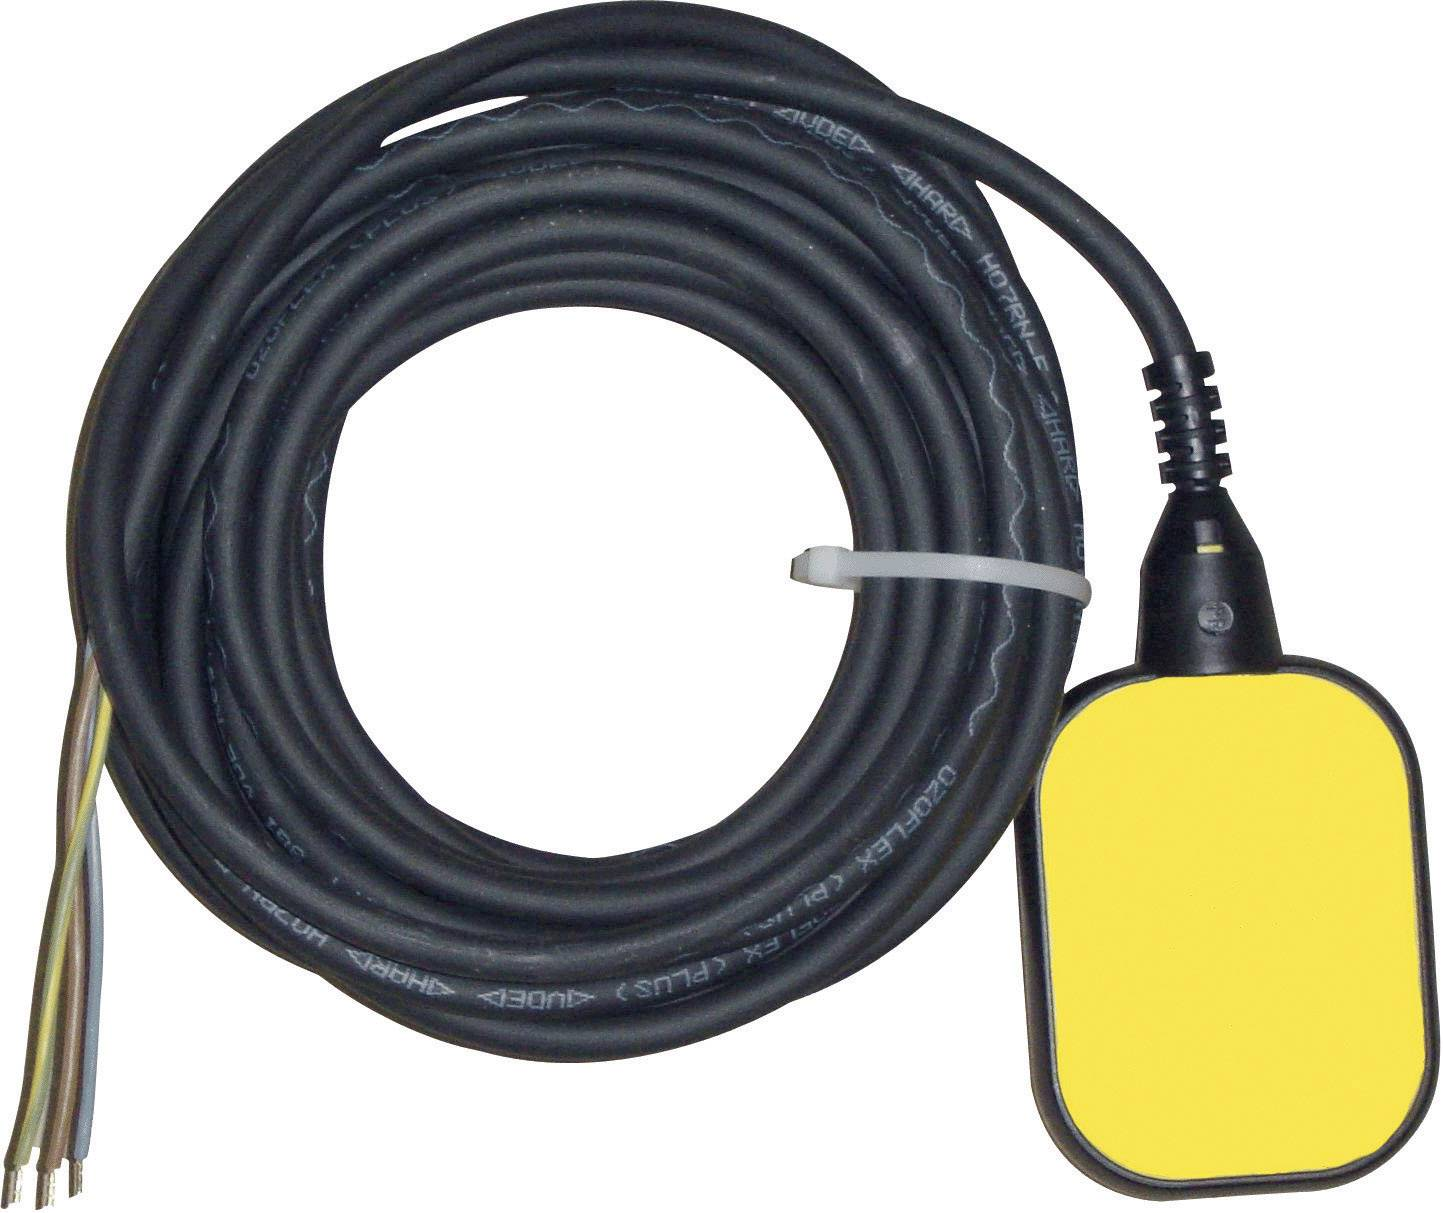 Plovákový spínač pro vypouštění Zehnder Pumpen 14504, 5 m, žlutá/černá